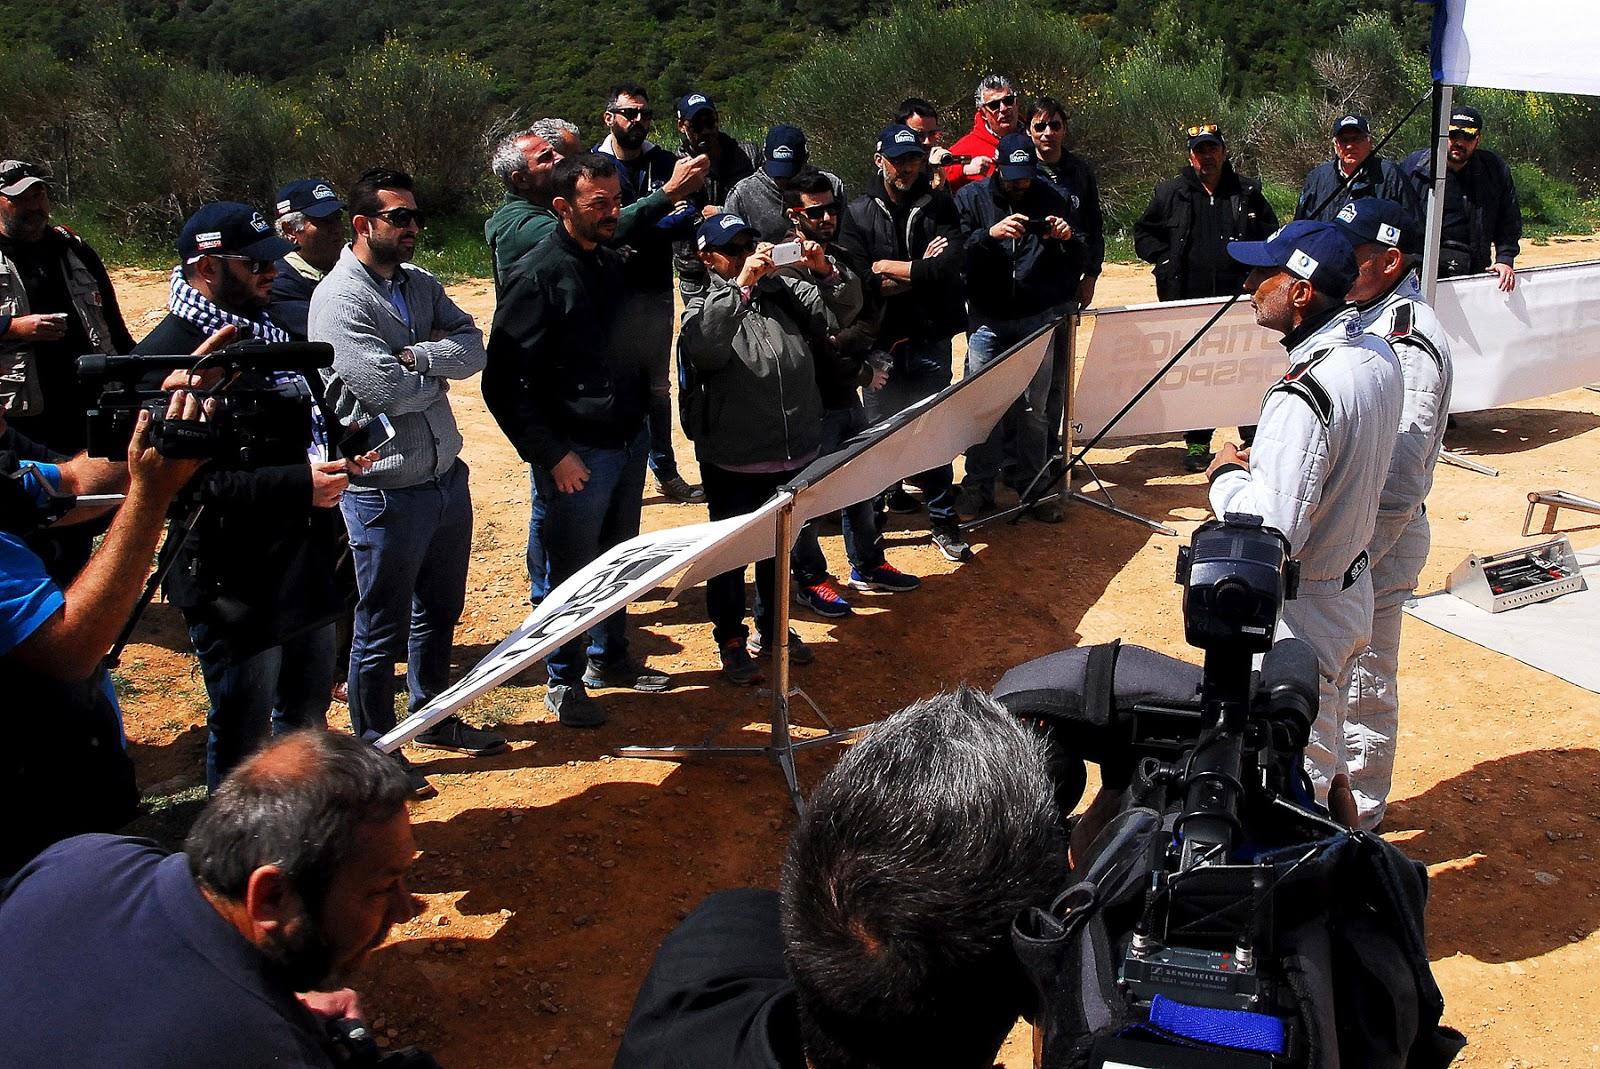 03 Ο Ιαβέρης Junior επιστρέφει στο Acropolis! Rally, Rally Acropolis, Seajets rally acropolis, zblog, ιαβέρης